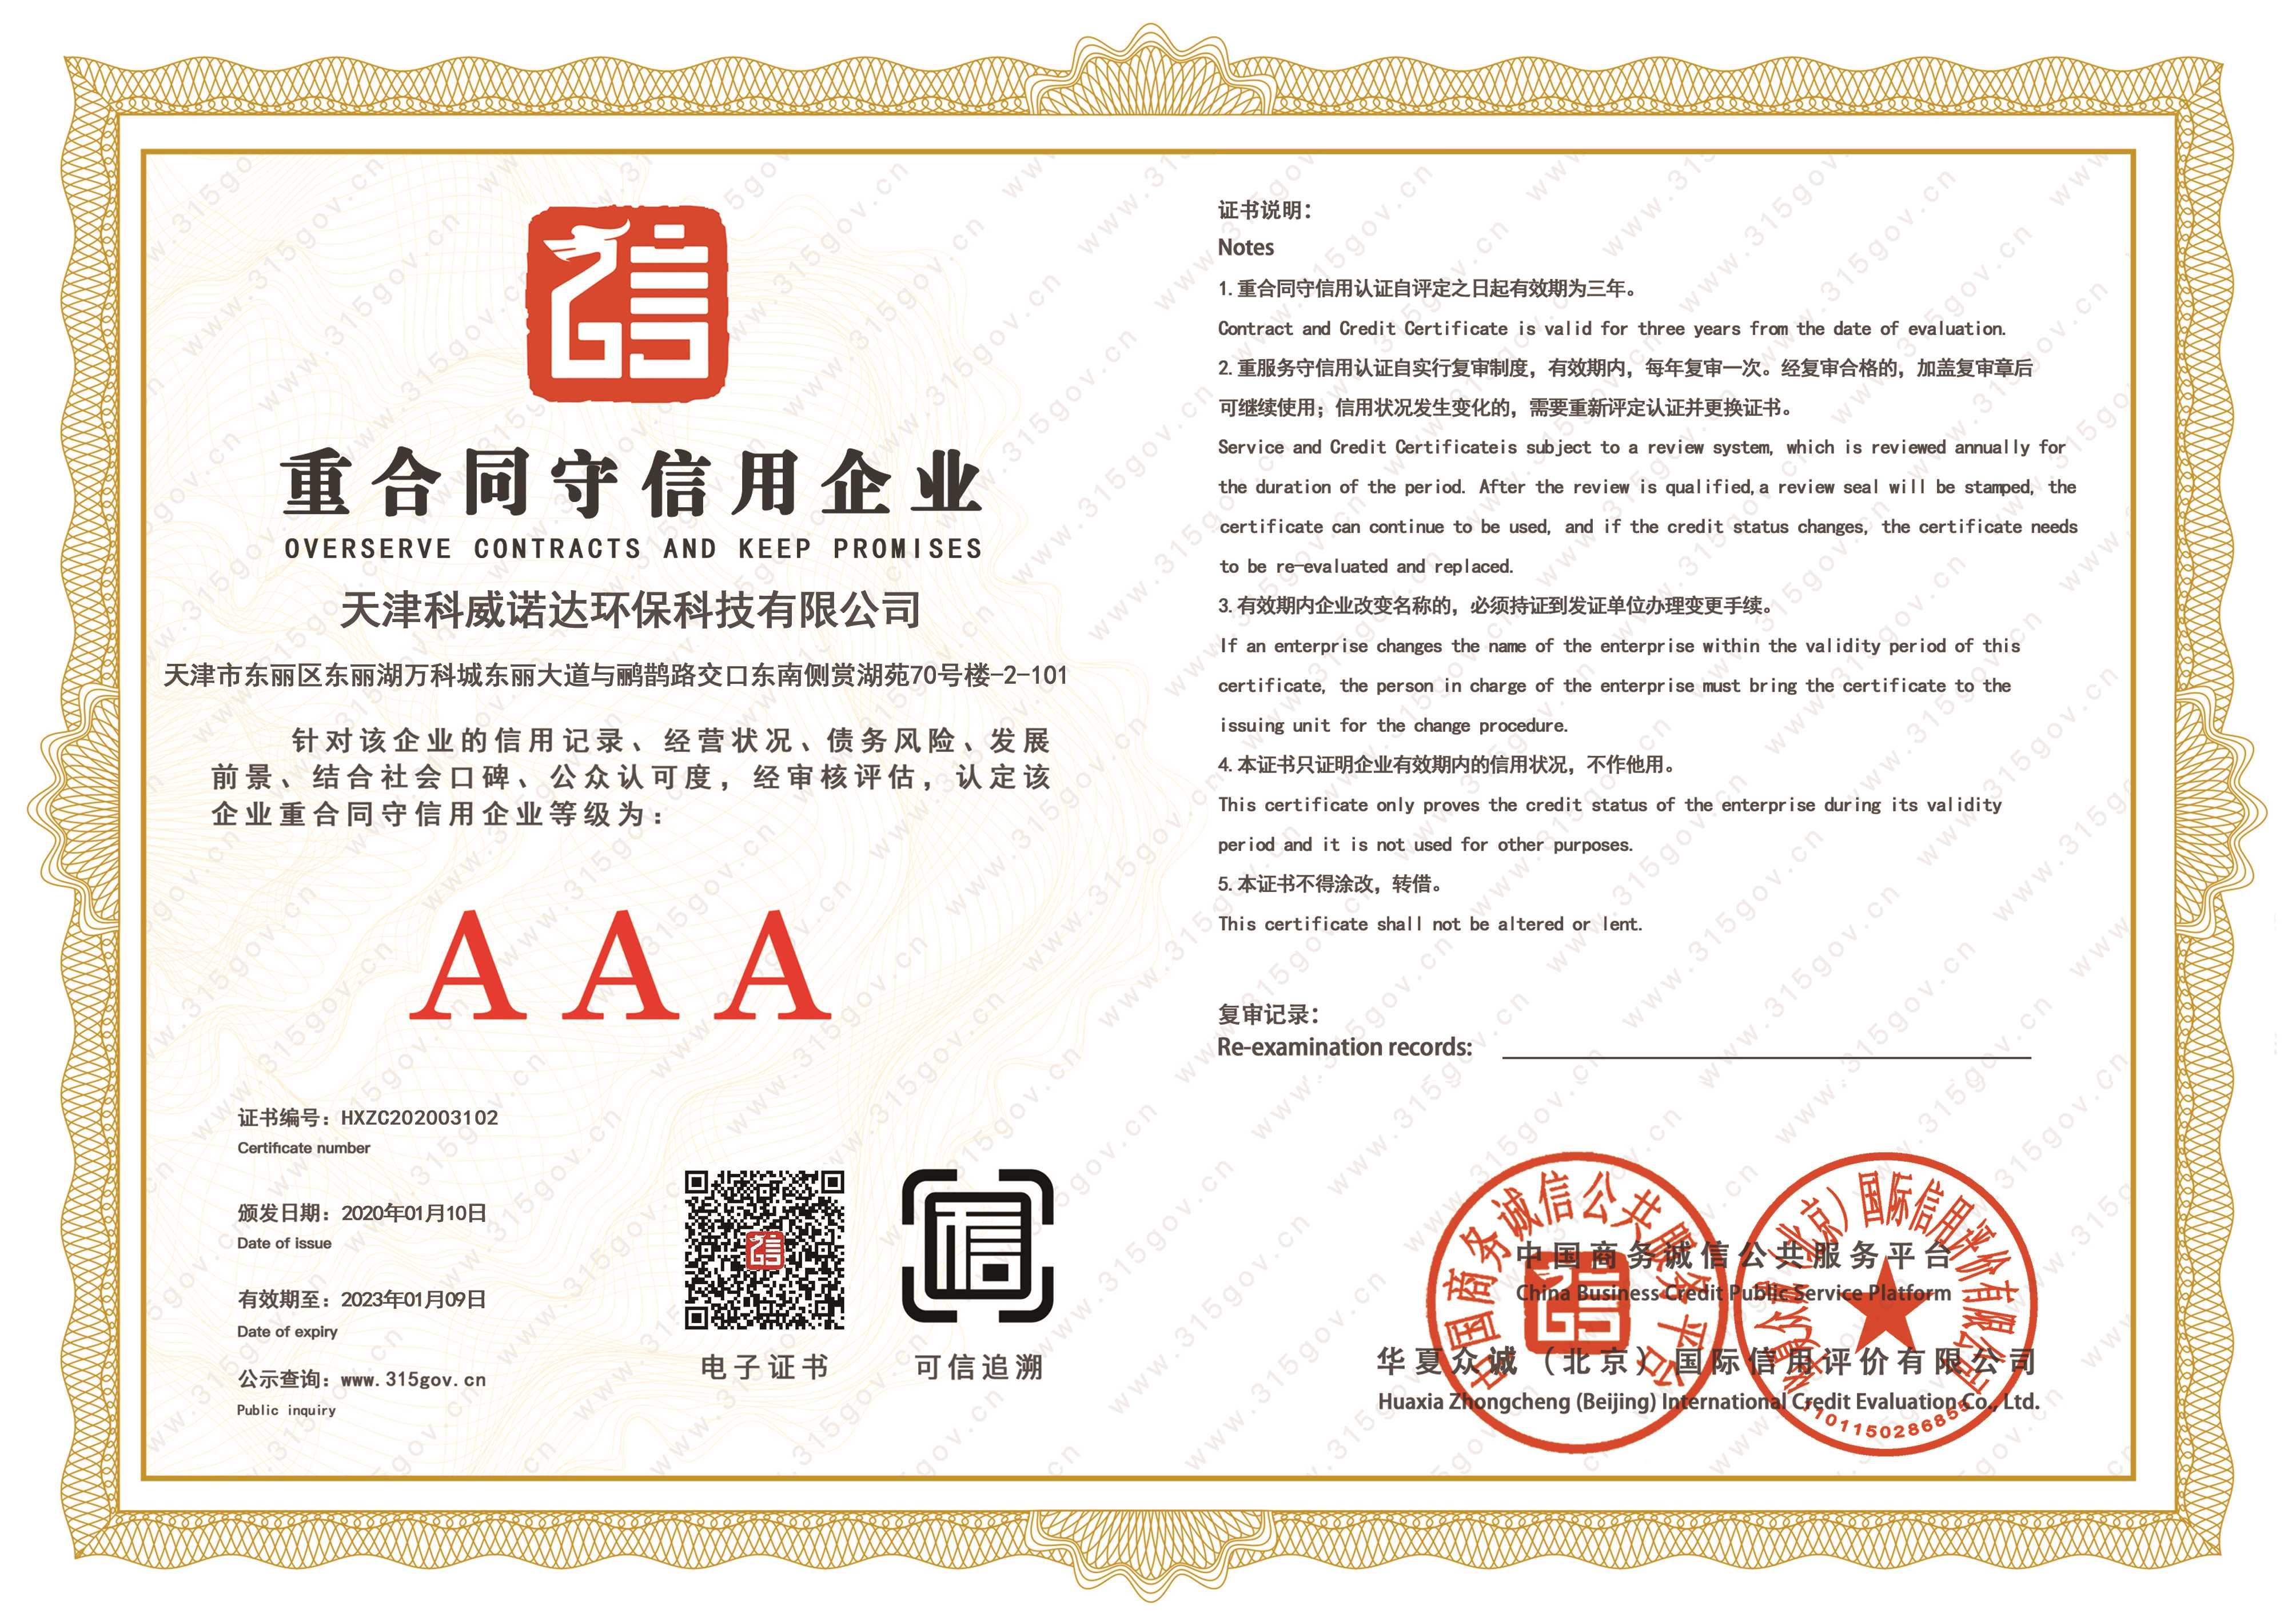 荣誉证书-重合同守信用